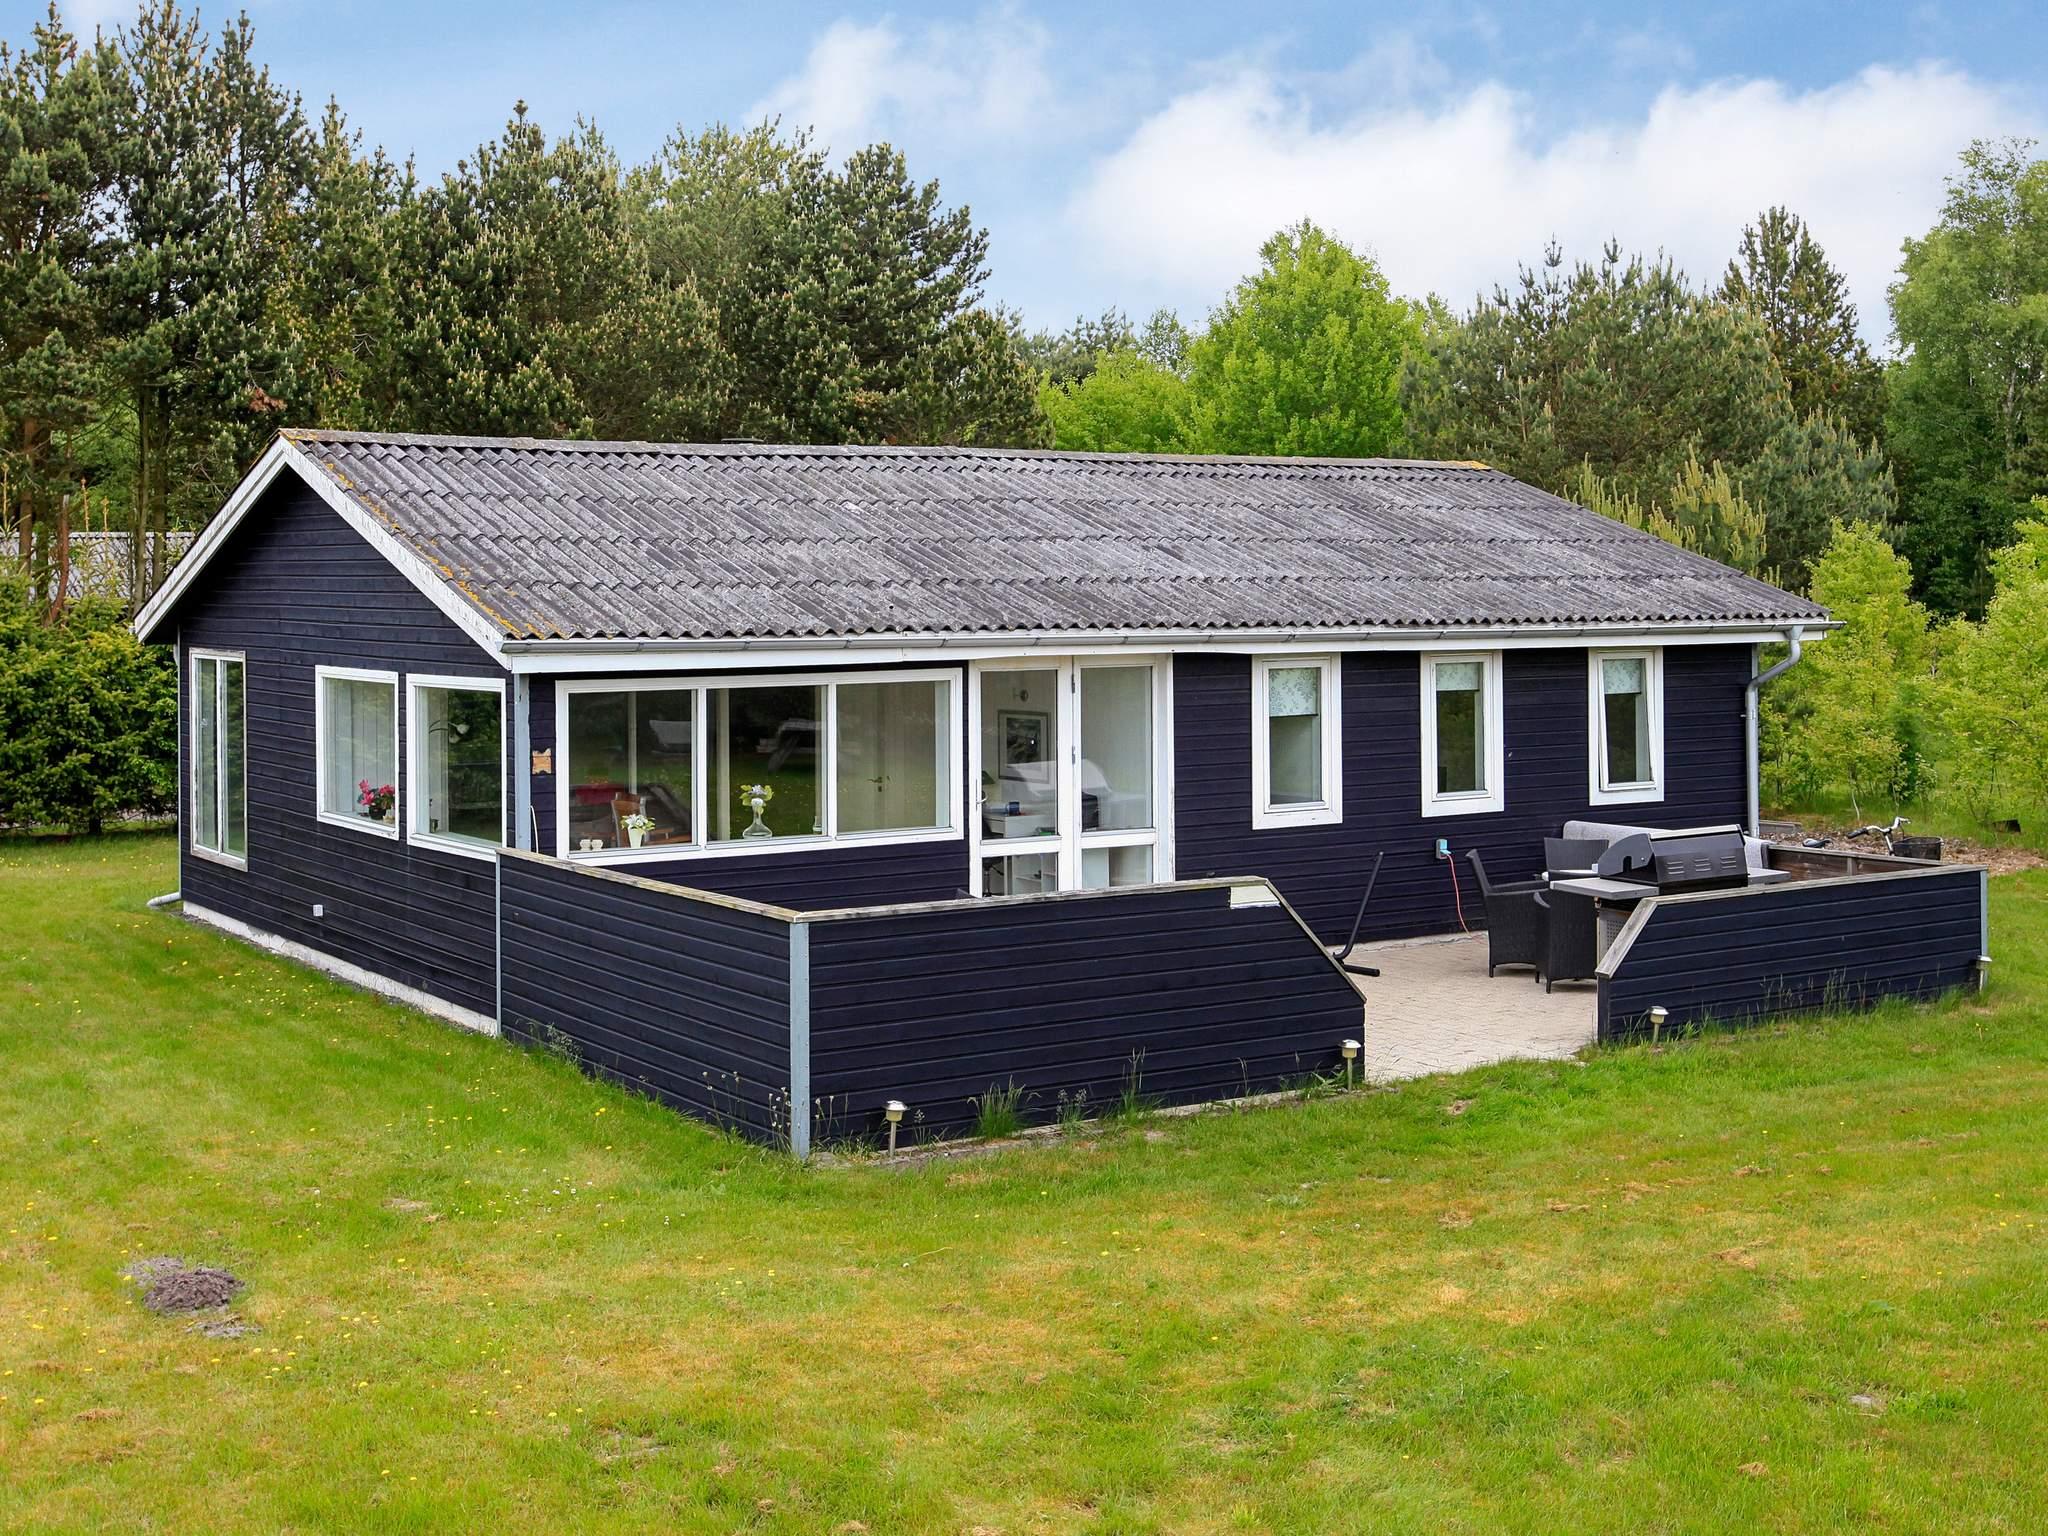 6 persoons vakantiehuis in Hals/Koldkær